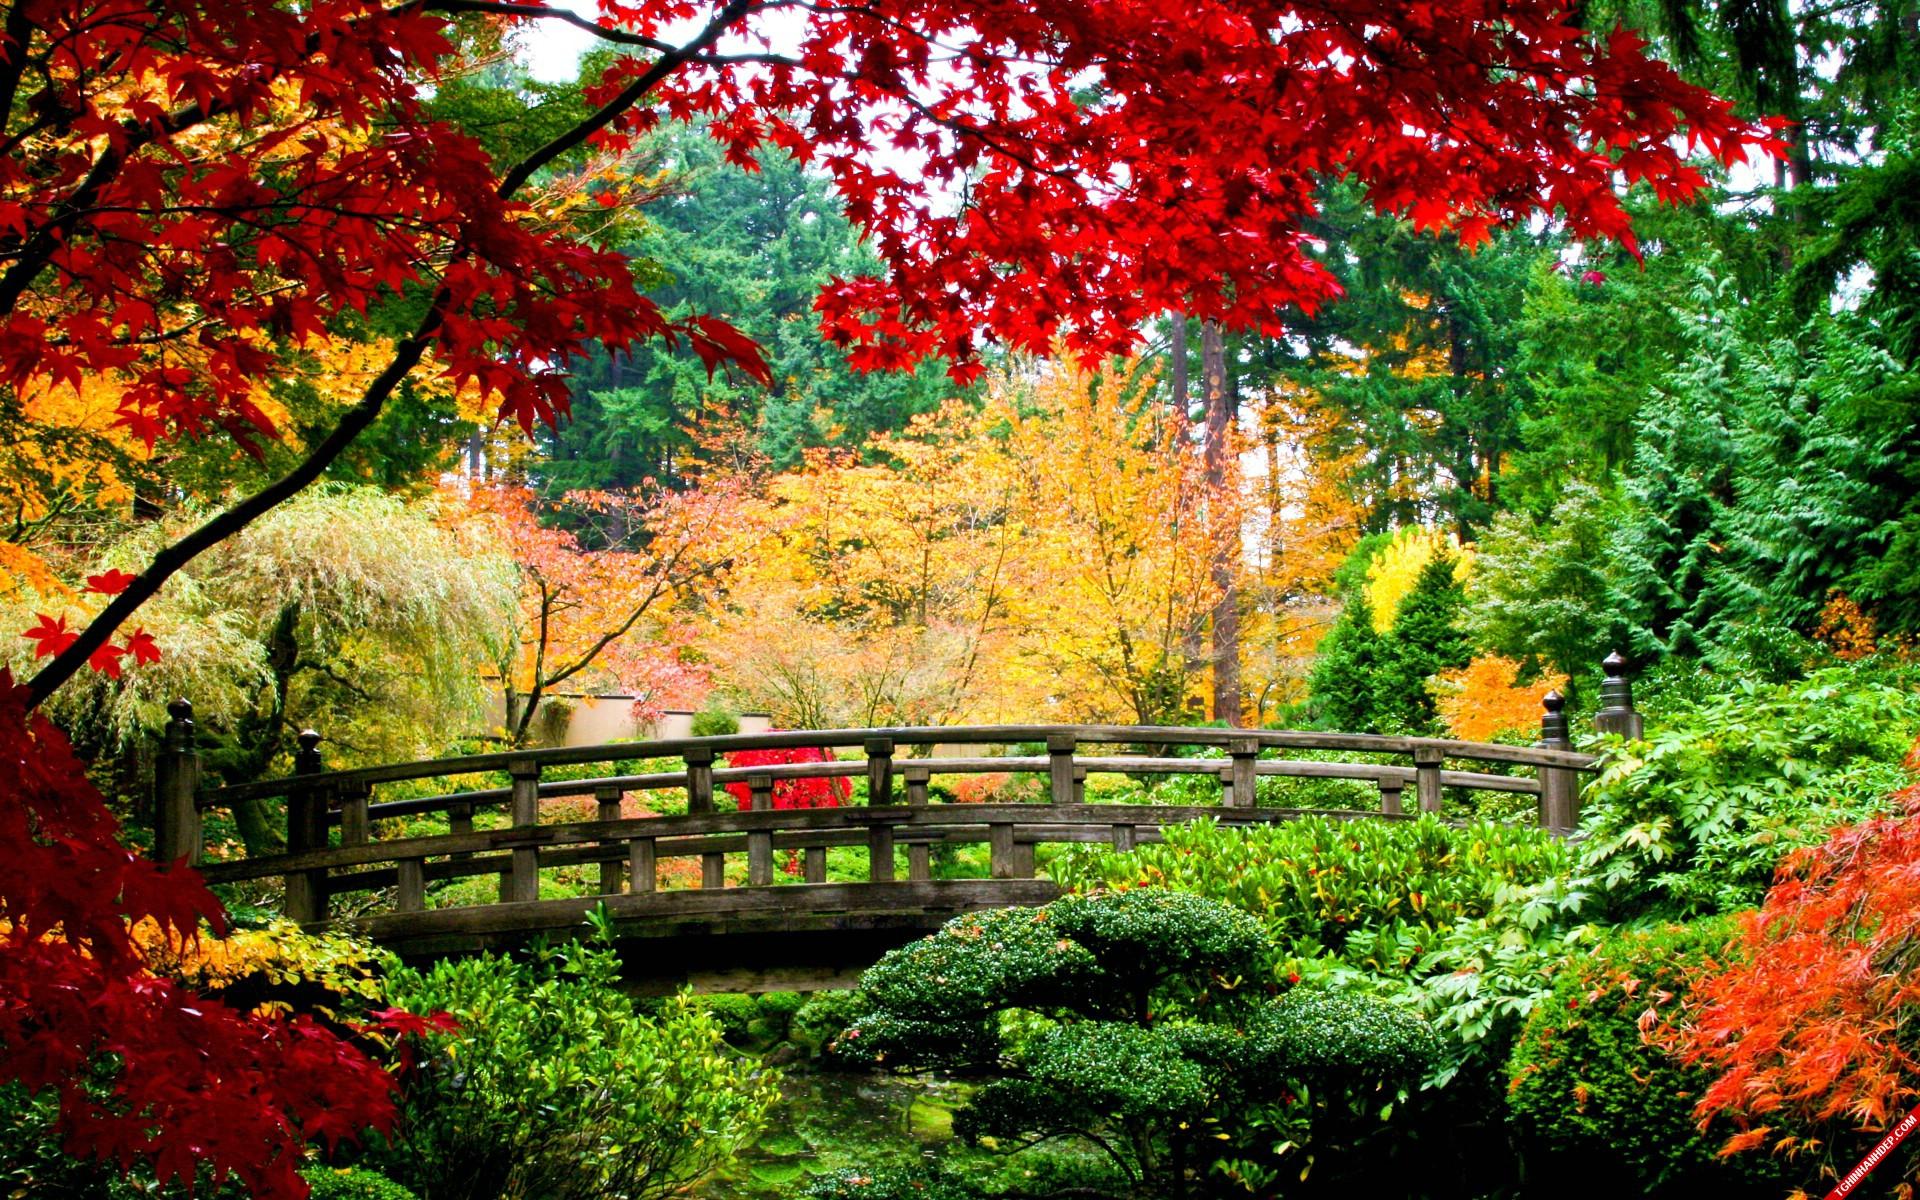 Mùa thu lá phong bên cây cầu gỗ là phong cảnh thiên nhiên rất đẹp